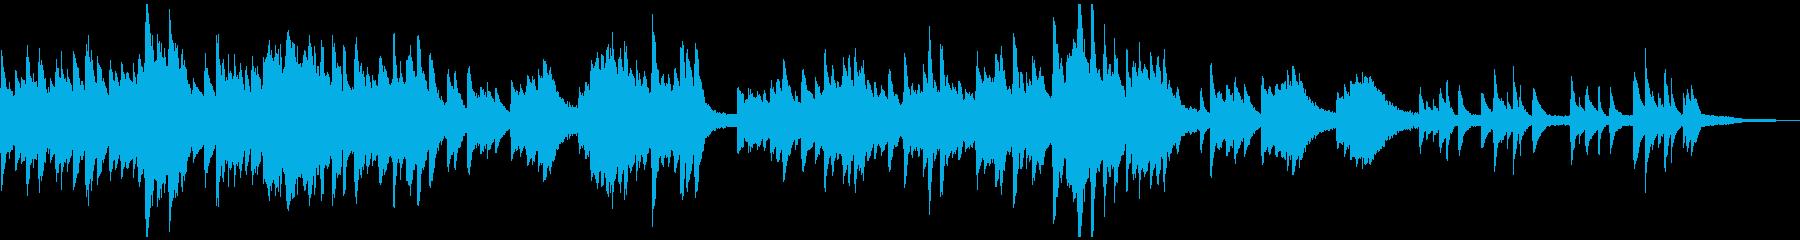 クリスマス・キャロルの感動的なソロピアノの再生済みの波形